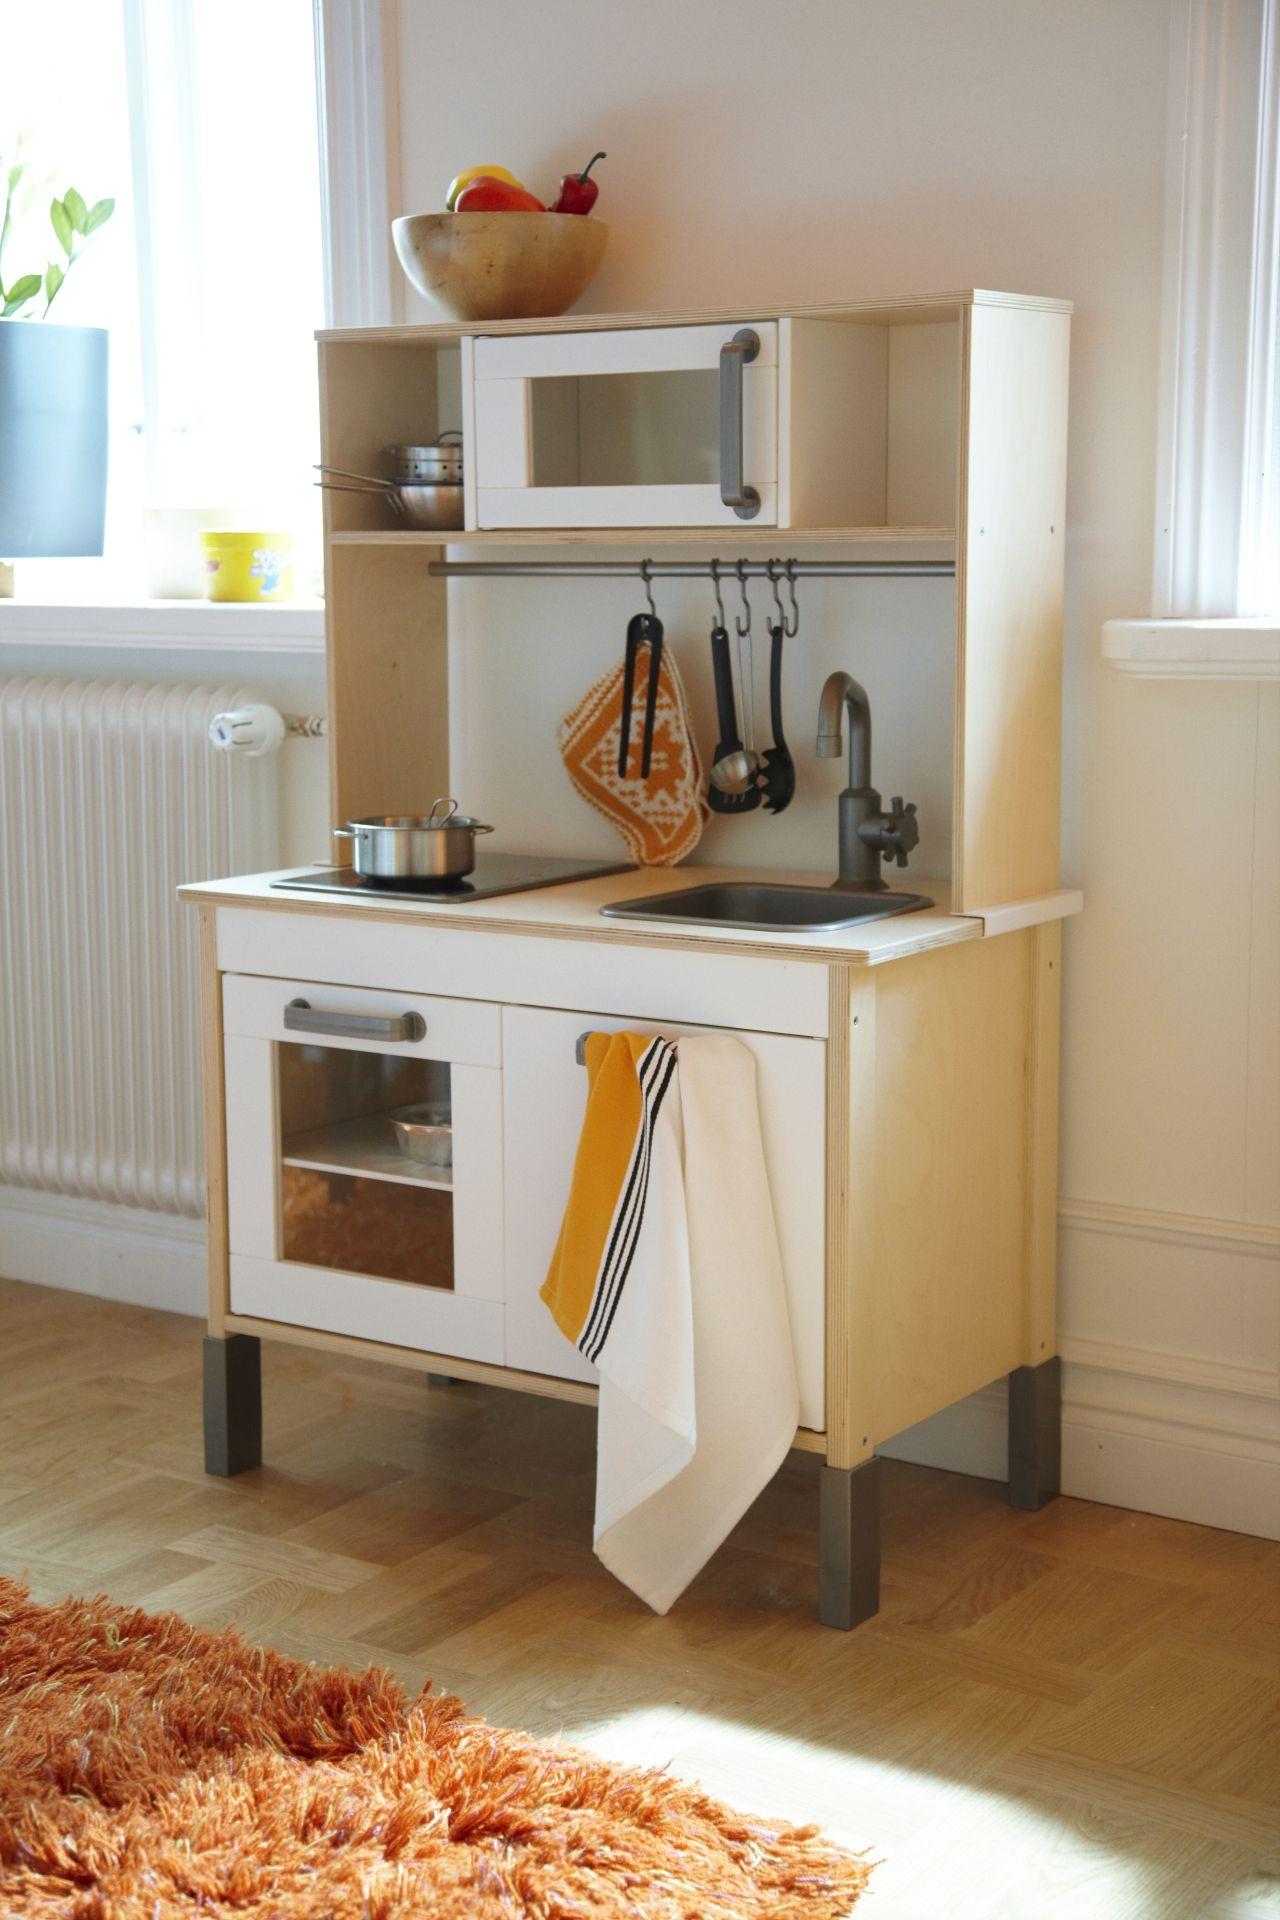 Nett Diy Spielküche Von Tv Ständer Ideen - Ideen Für Die Küche ...